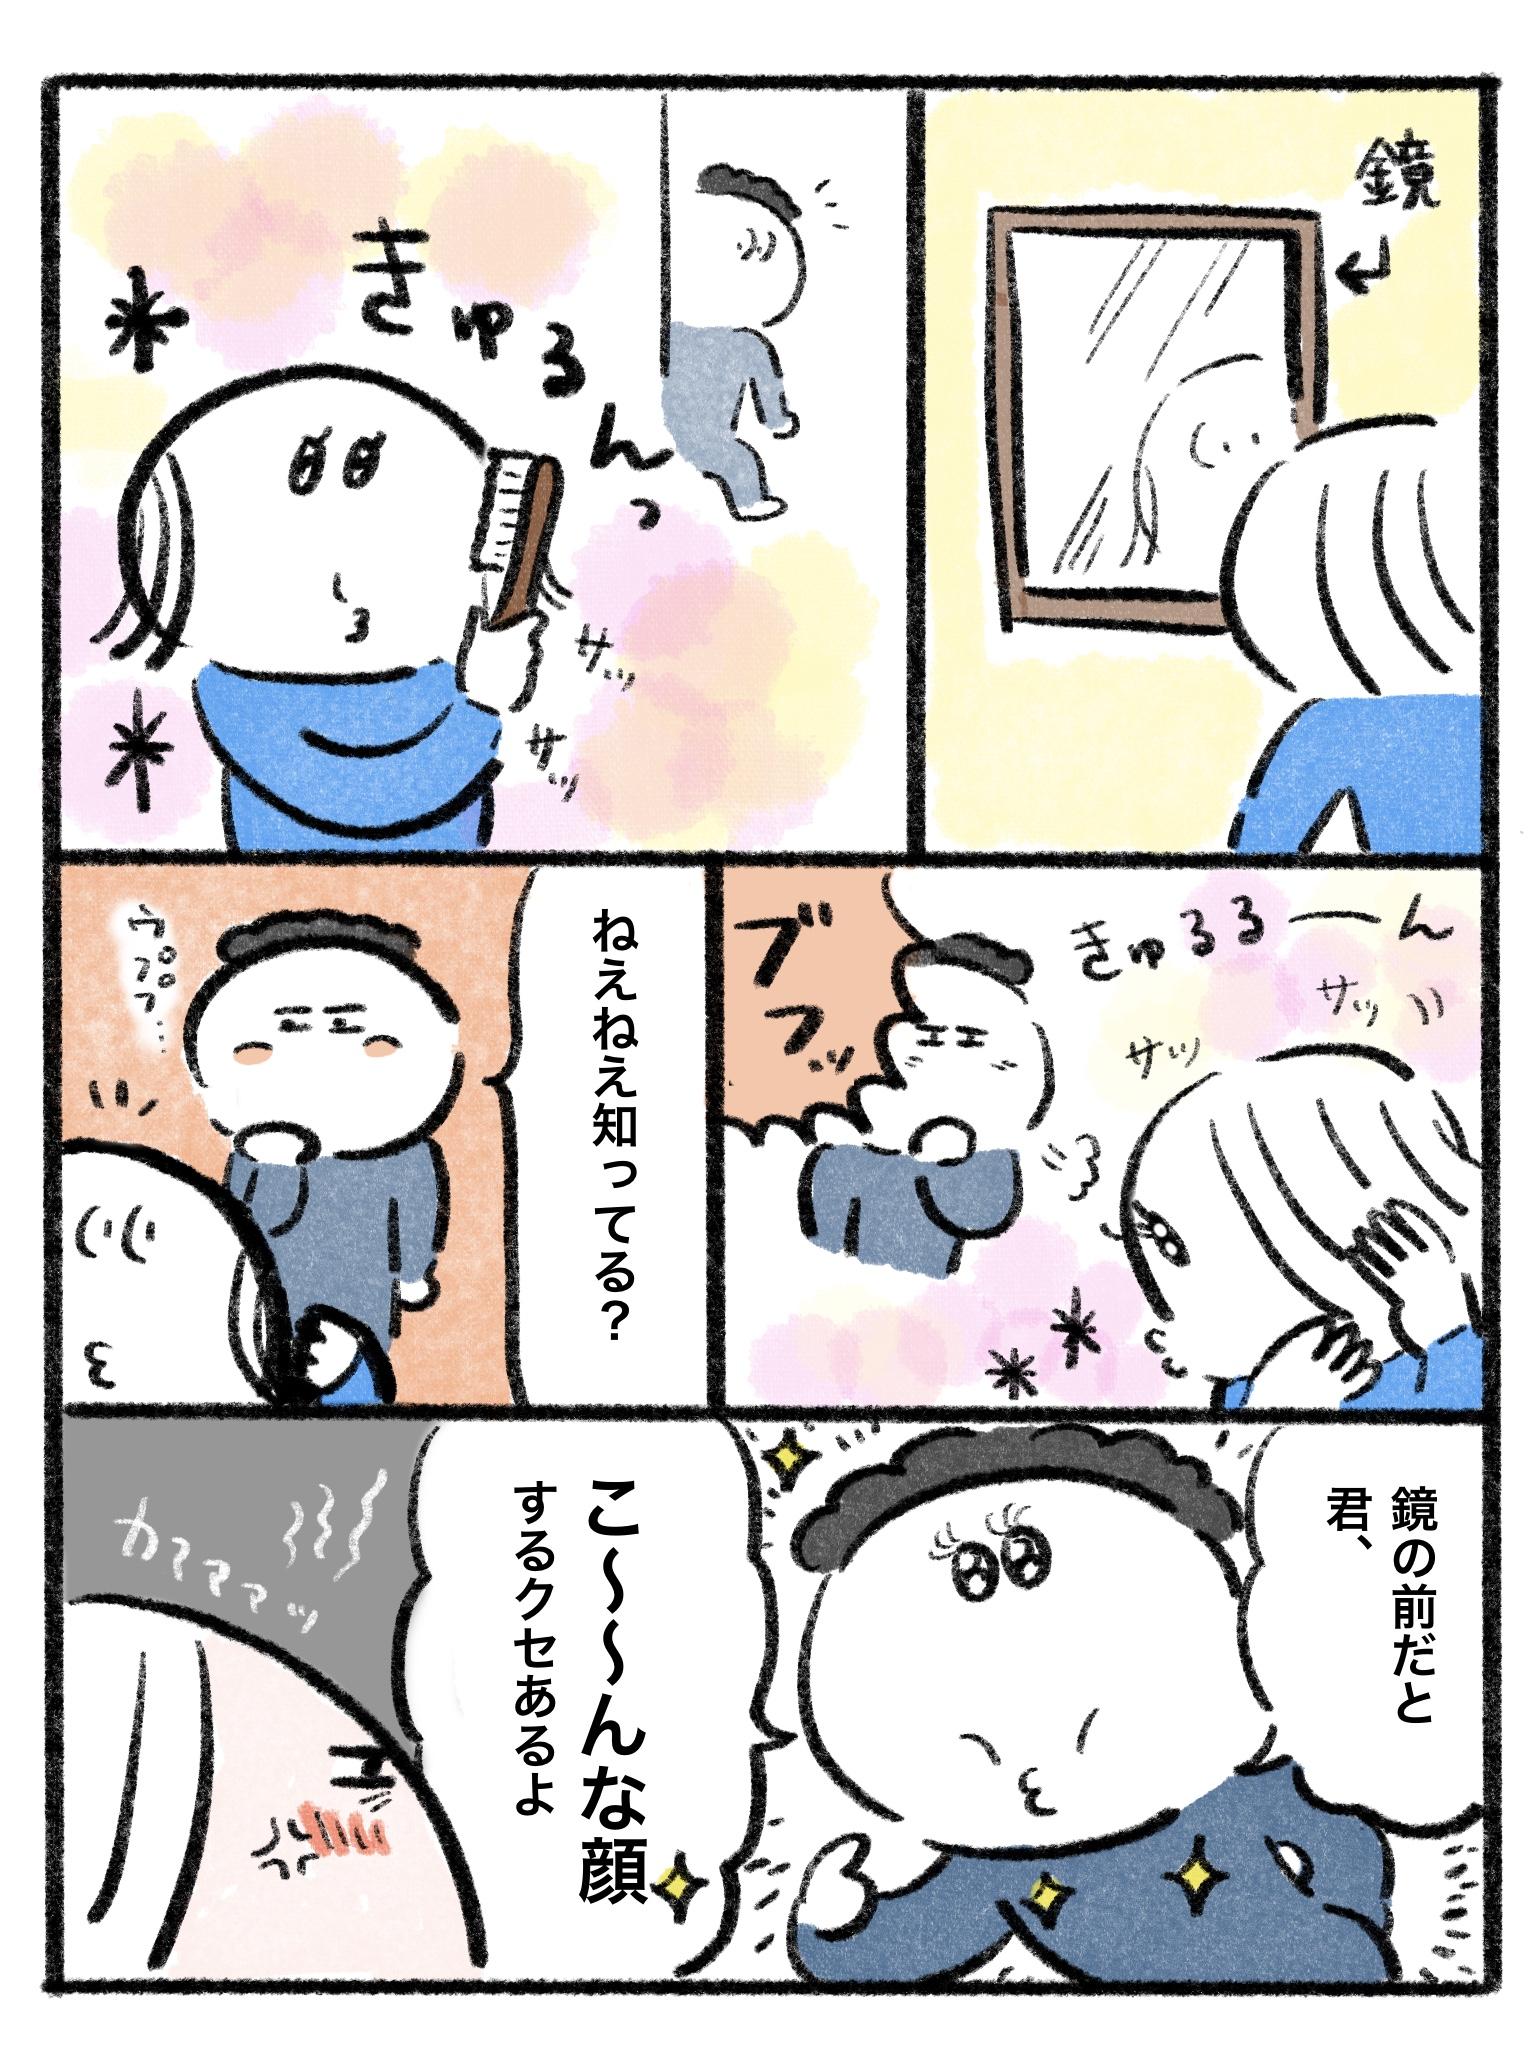 鏡の前でできる限りかわいい顔をつくって髪をとく妻。夫がそのキメ顔を指摘して妻バツがわるい